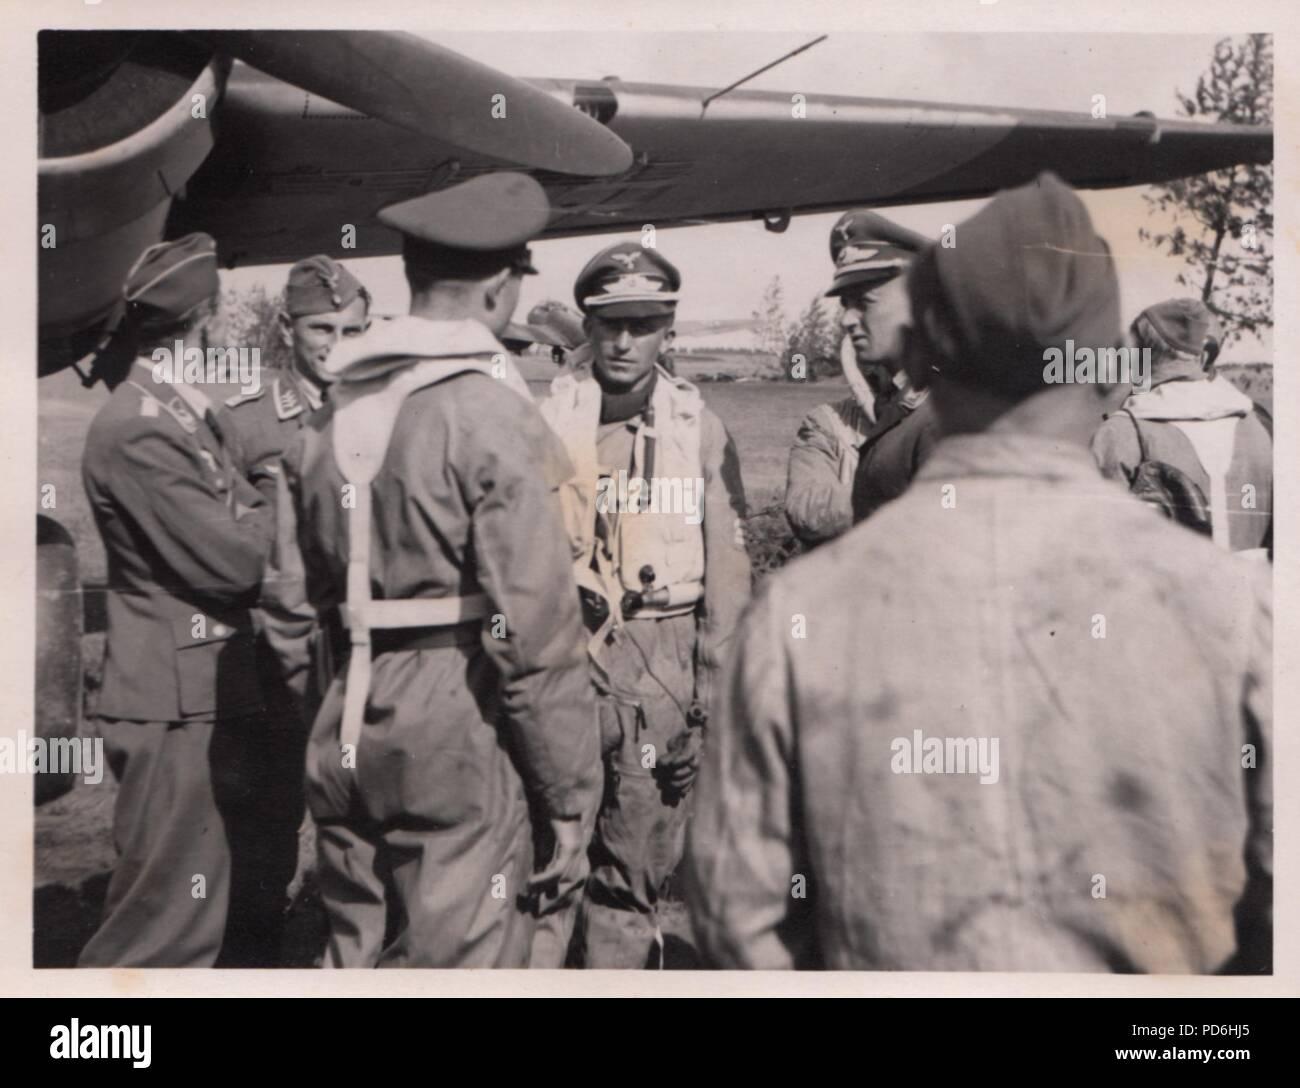 Droit de l'album photo de l'Oberleutnant Oscar Müller de la Kampfgeschwader 1: l'Oberleutnant Friedrich Clodius (quatrième à partir de la gauche) en conversation avec l'équipage et le personnel au sol de 5./KG 1 à l'été 1941. Le lieutenant Oscar Müller est sur la gauche avec le dos à la caméra. Clodius est le Staffelkapitän du 5./KG 1 durant l'été 1941 et jusqu'à ce qu'il a été affiché le 8 novembre 1941 manquant. Banque D'Images